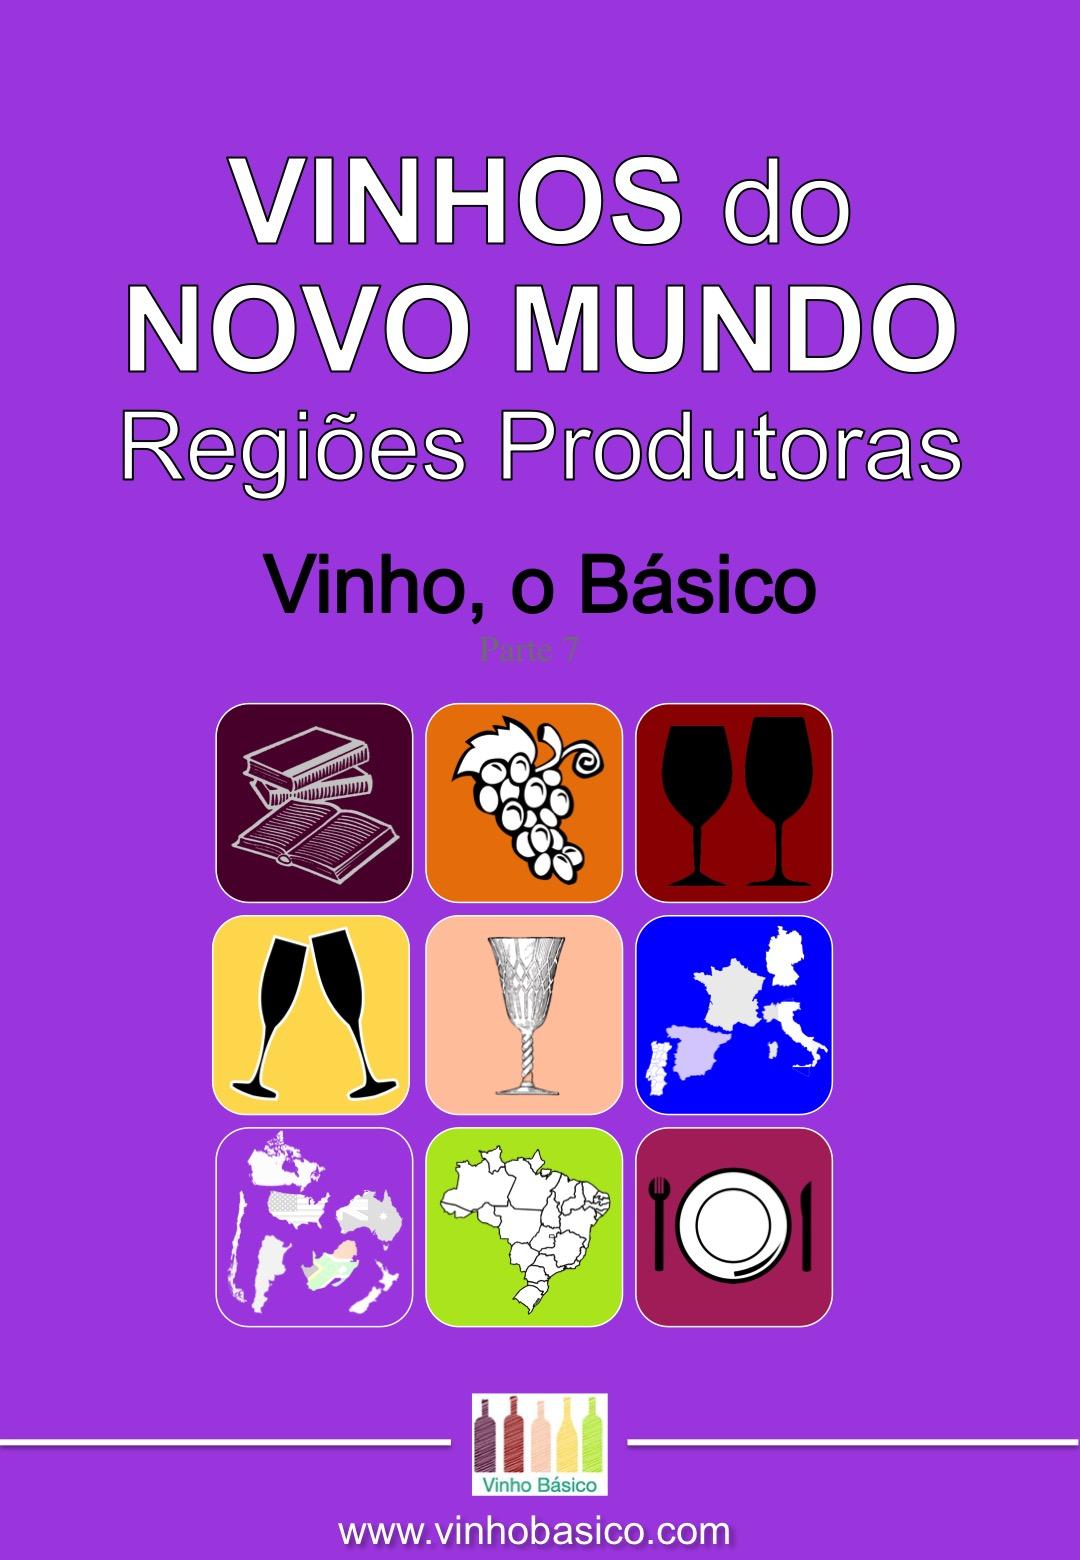 Capa Ebook Vinho o Basico 7 NOVO MUNDO